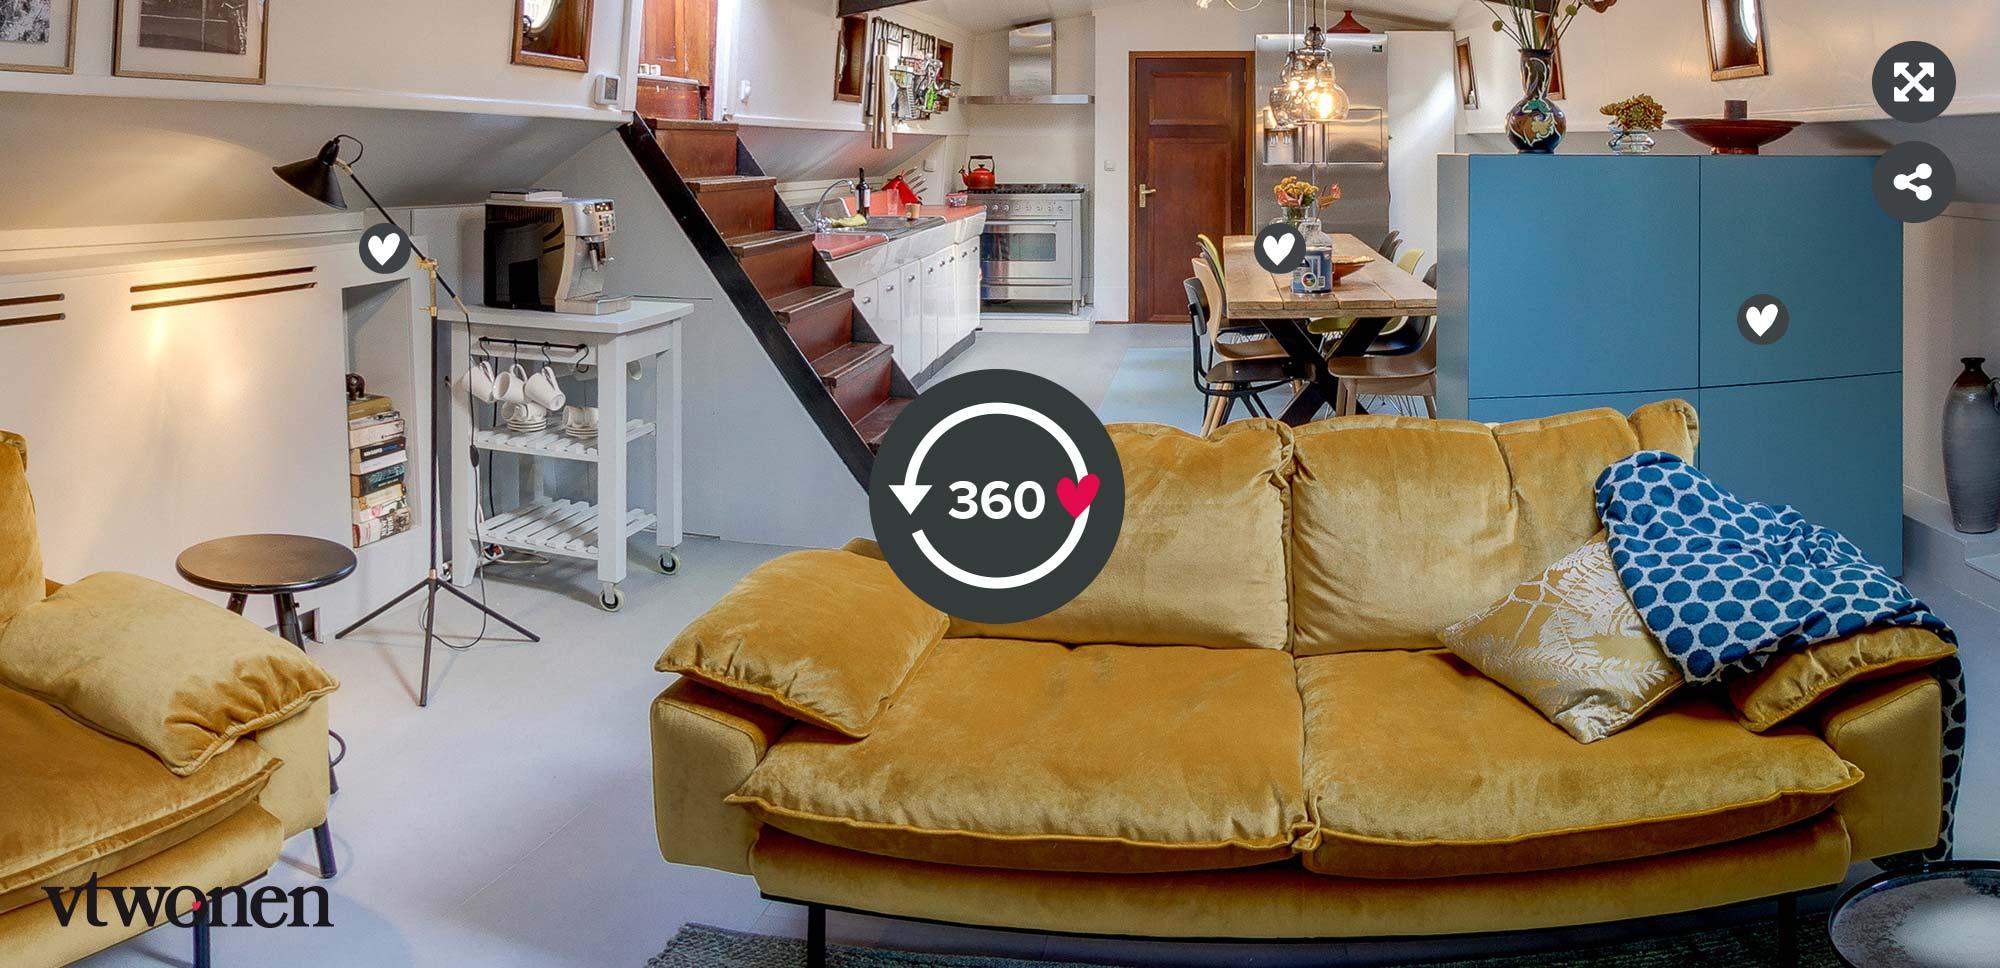 360 tour weer verliefd op je huis aflevering 5 seizoen 9